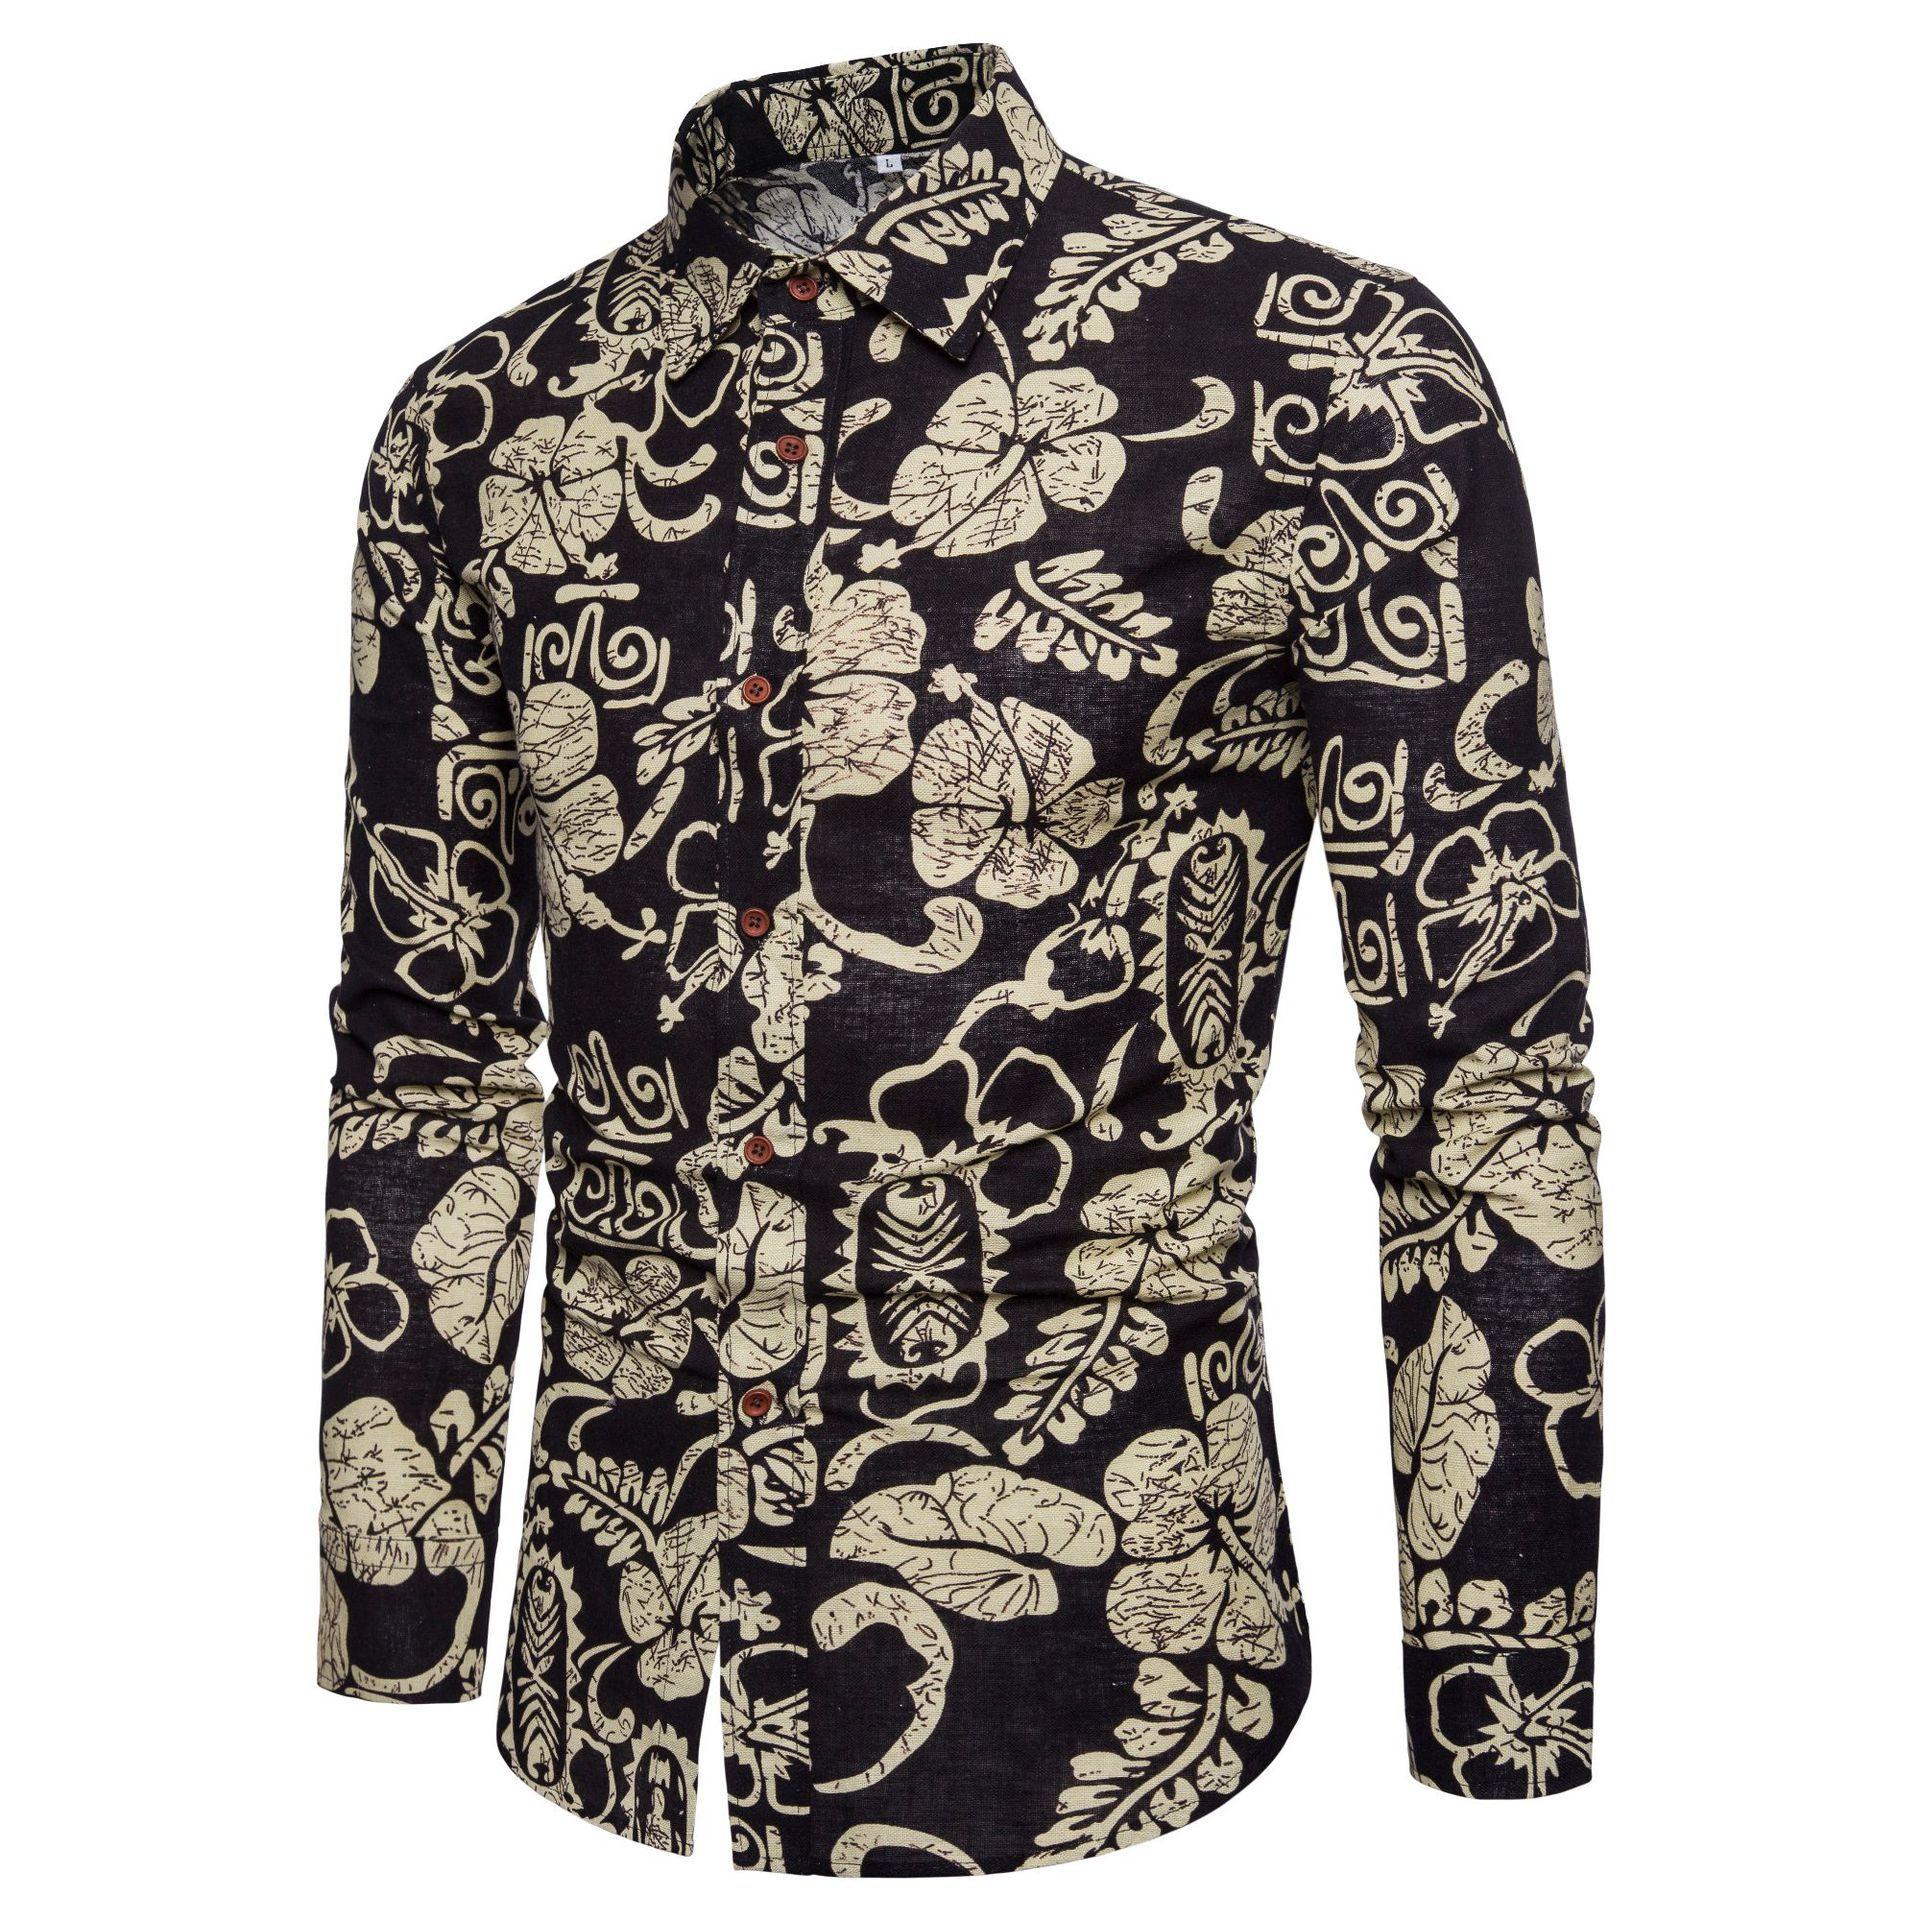 Shirt Men's Men's Long Sleeve Cotton Flower Shirt Mens Dress Shirts